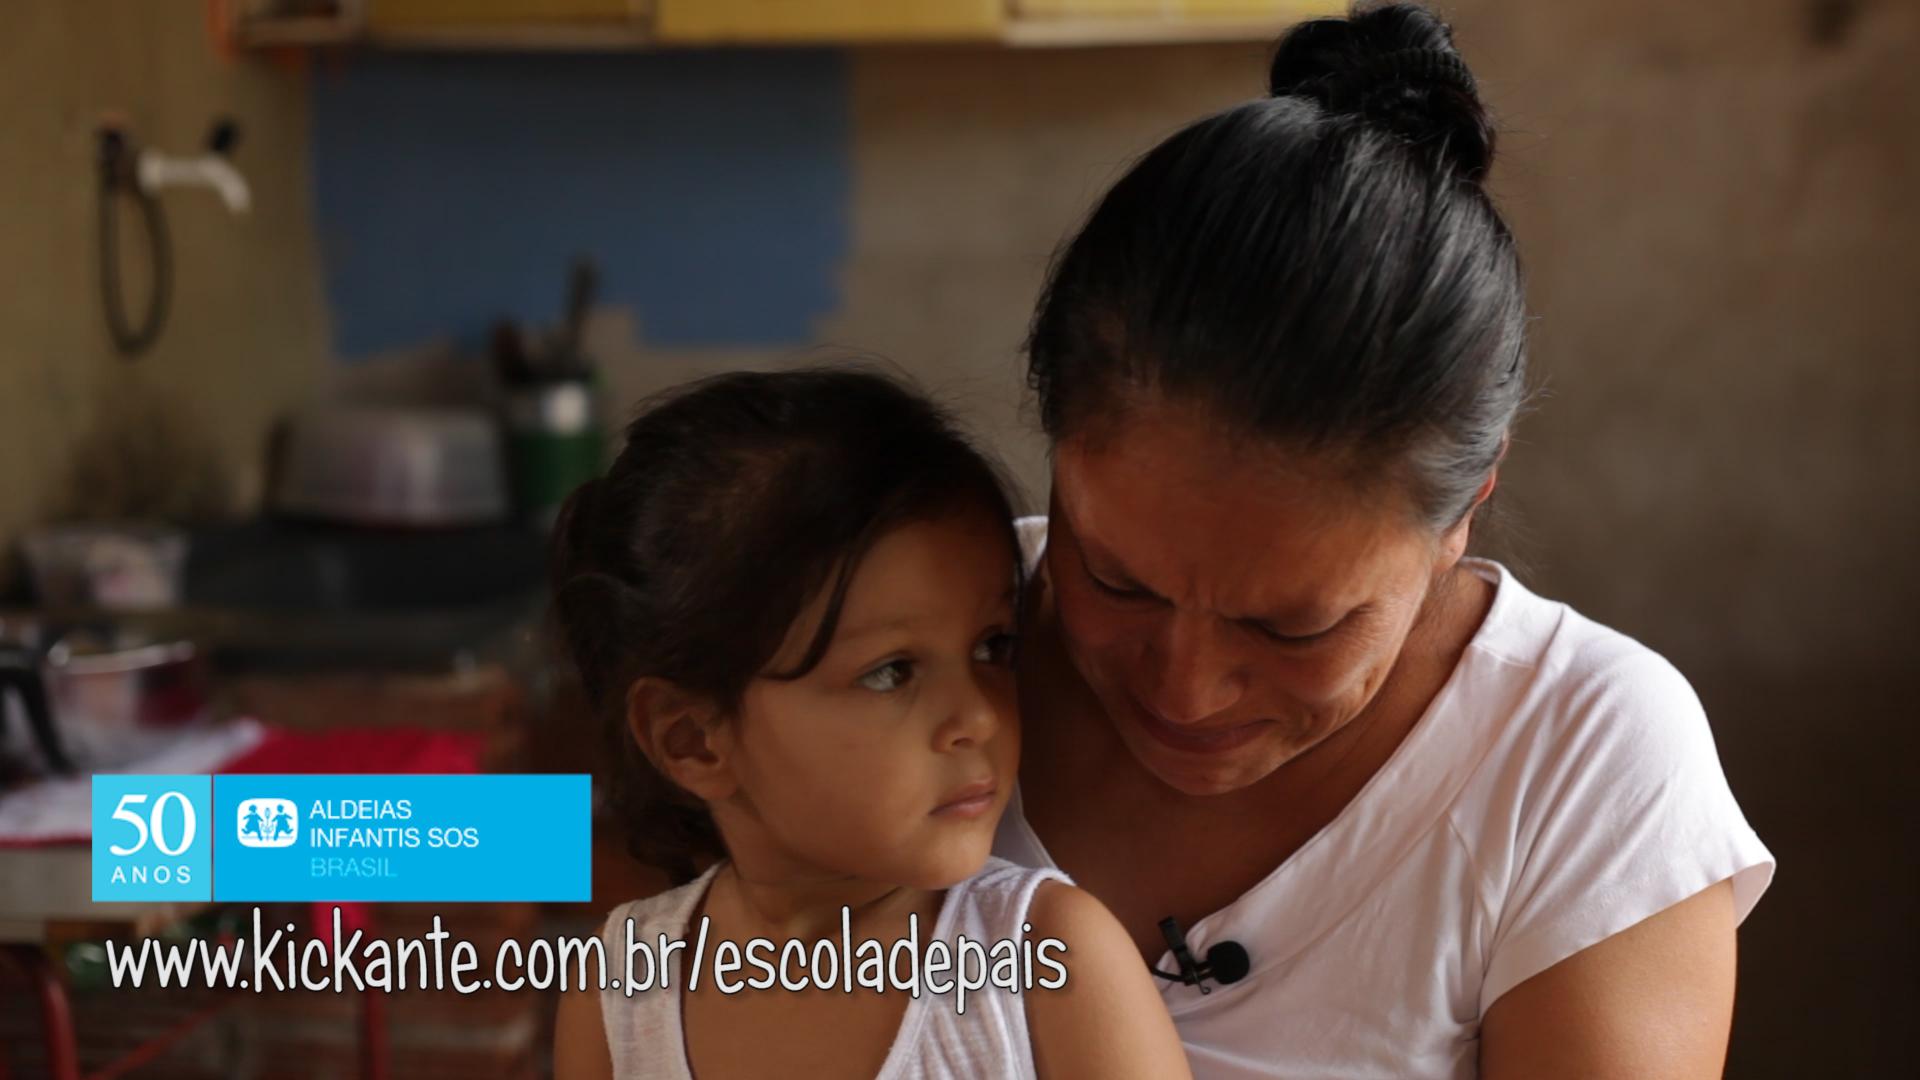 Escola de Pais evita crianças em abrigos, mas pode acabar por falta de verba 1